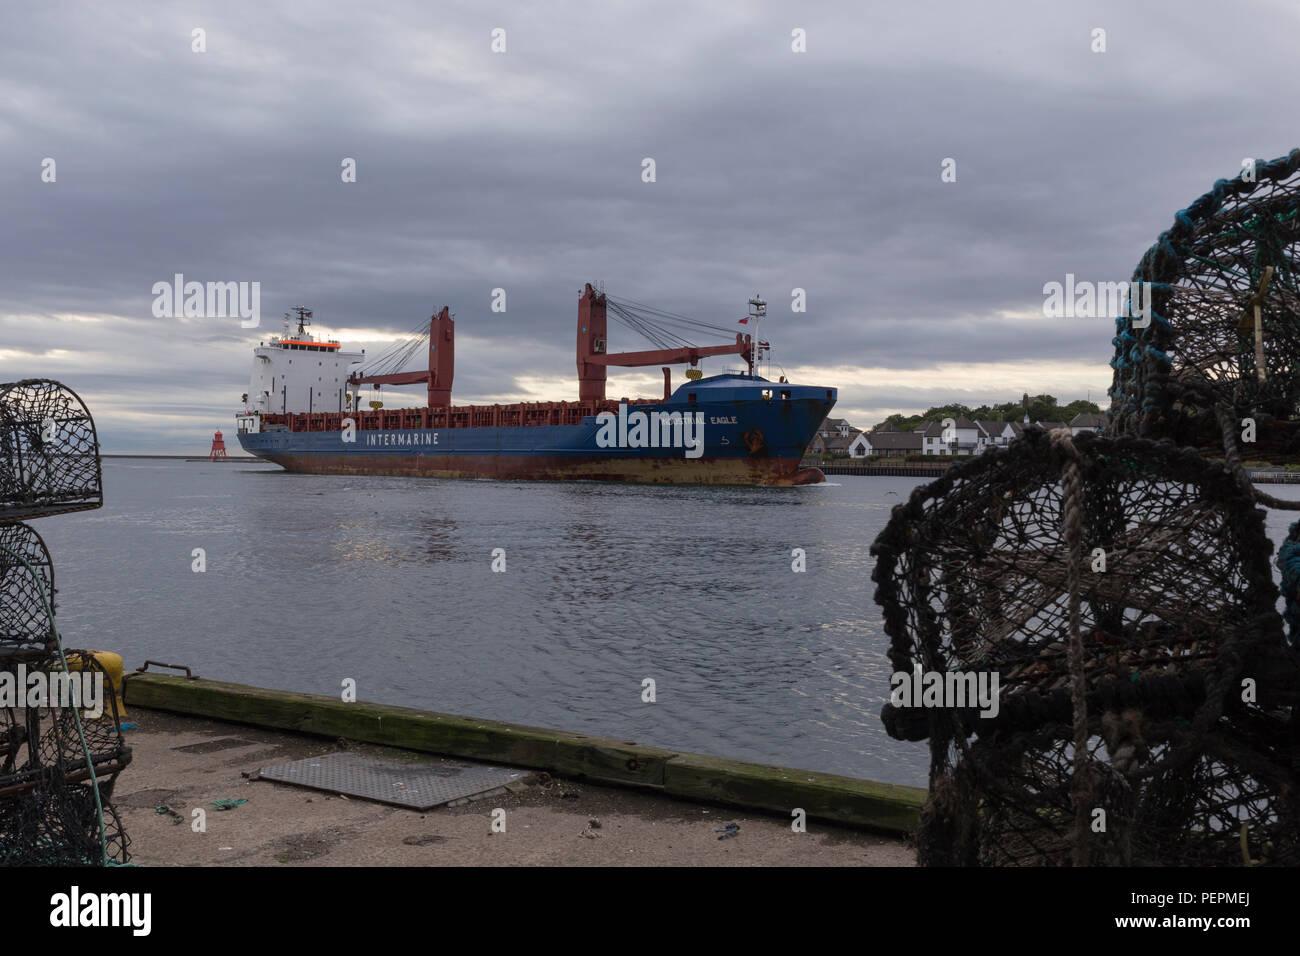 Heavy Lift Ship Stock Photos & Heavy Lift Ship Stock Images - Alamy